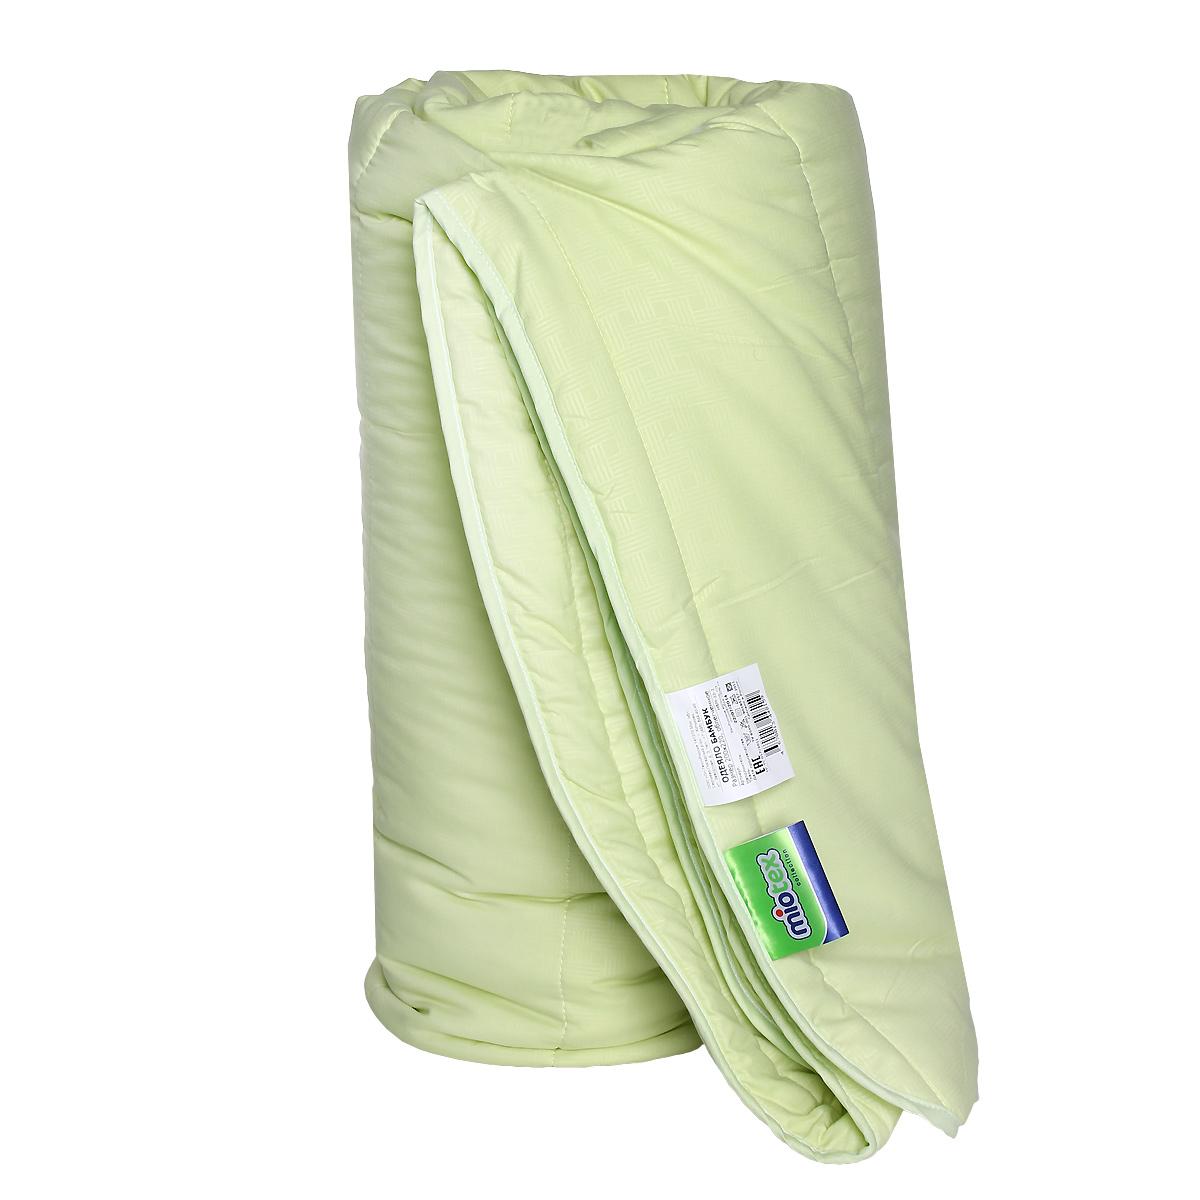 Одеяло облегченное OL-Tex Miotex, наполнитель: волокно бамбука, цвет: фисташковый, 200 х 220 смМБМ-22-2Теплое и уютное одеяло OL-Tex Miotex подарит комфорт и уют во время сна. Чехол изделия выполнен из микрофибры фисташкового цвета, оформлен стежкой и кантом по краю. Стежка равномерно удержит наполнитель в чехле, а окантовка держит форму изделия. Обладает всеми полезными свойствами бамбукового волокна - не накапливает пыль и запахи, совершенно антиаллергенно. Не теряет своих качеств при многократных стирках. Легкое летнее одеяло, за которым легко ухаживать - прекрасный выбор. Рекомендации по уходу: - Ручная и машинная стирка при температуре 30°С. - Не гладить. - Не отбеливать. - Нельзя отжимать и сушить в стиральной машине. - Сушить вертикально.